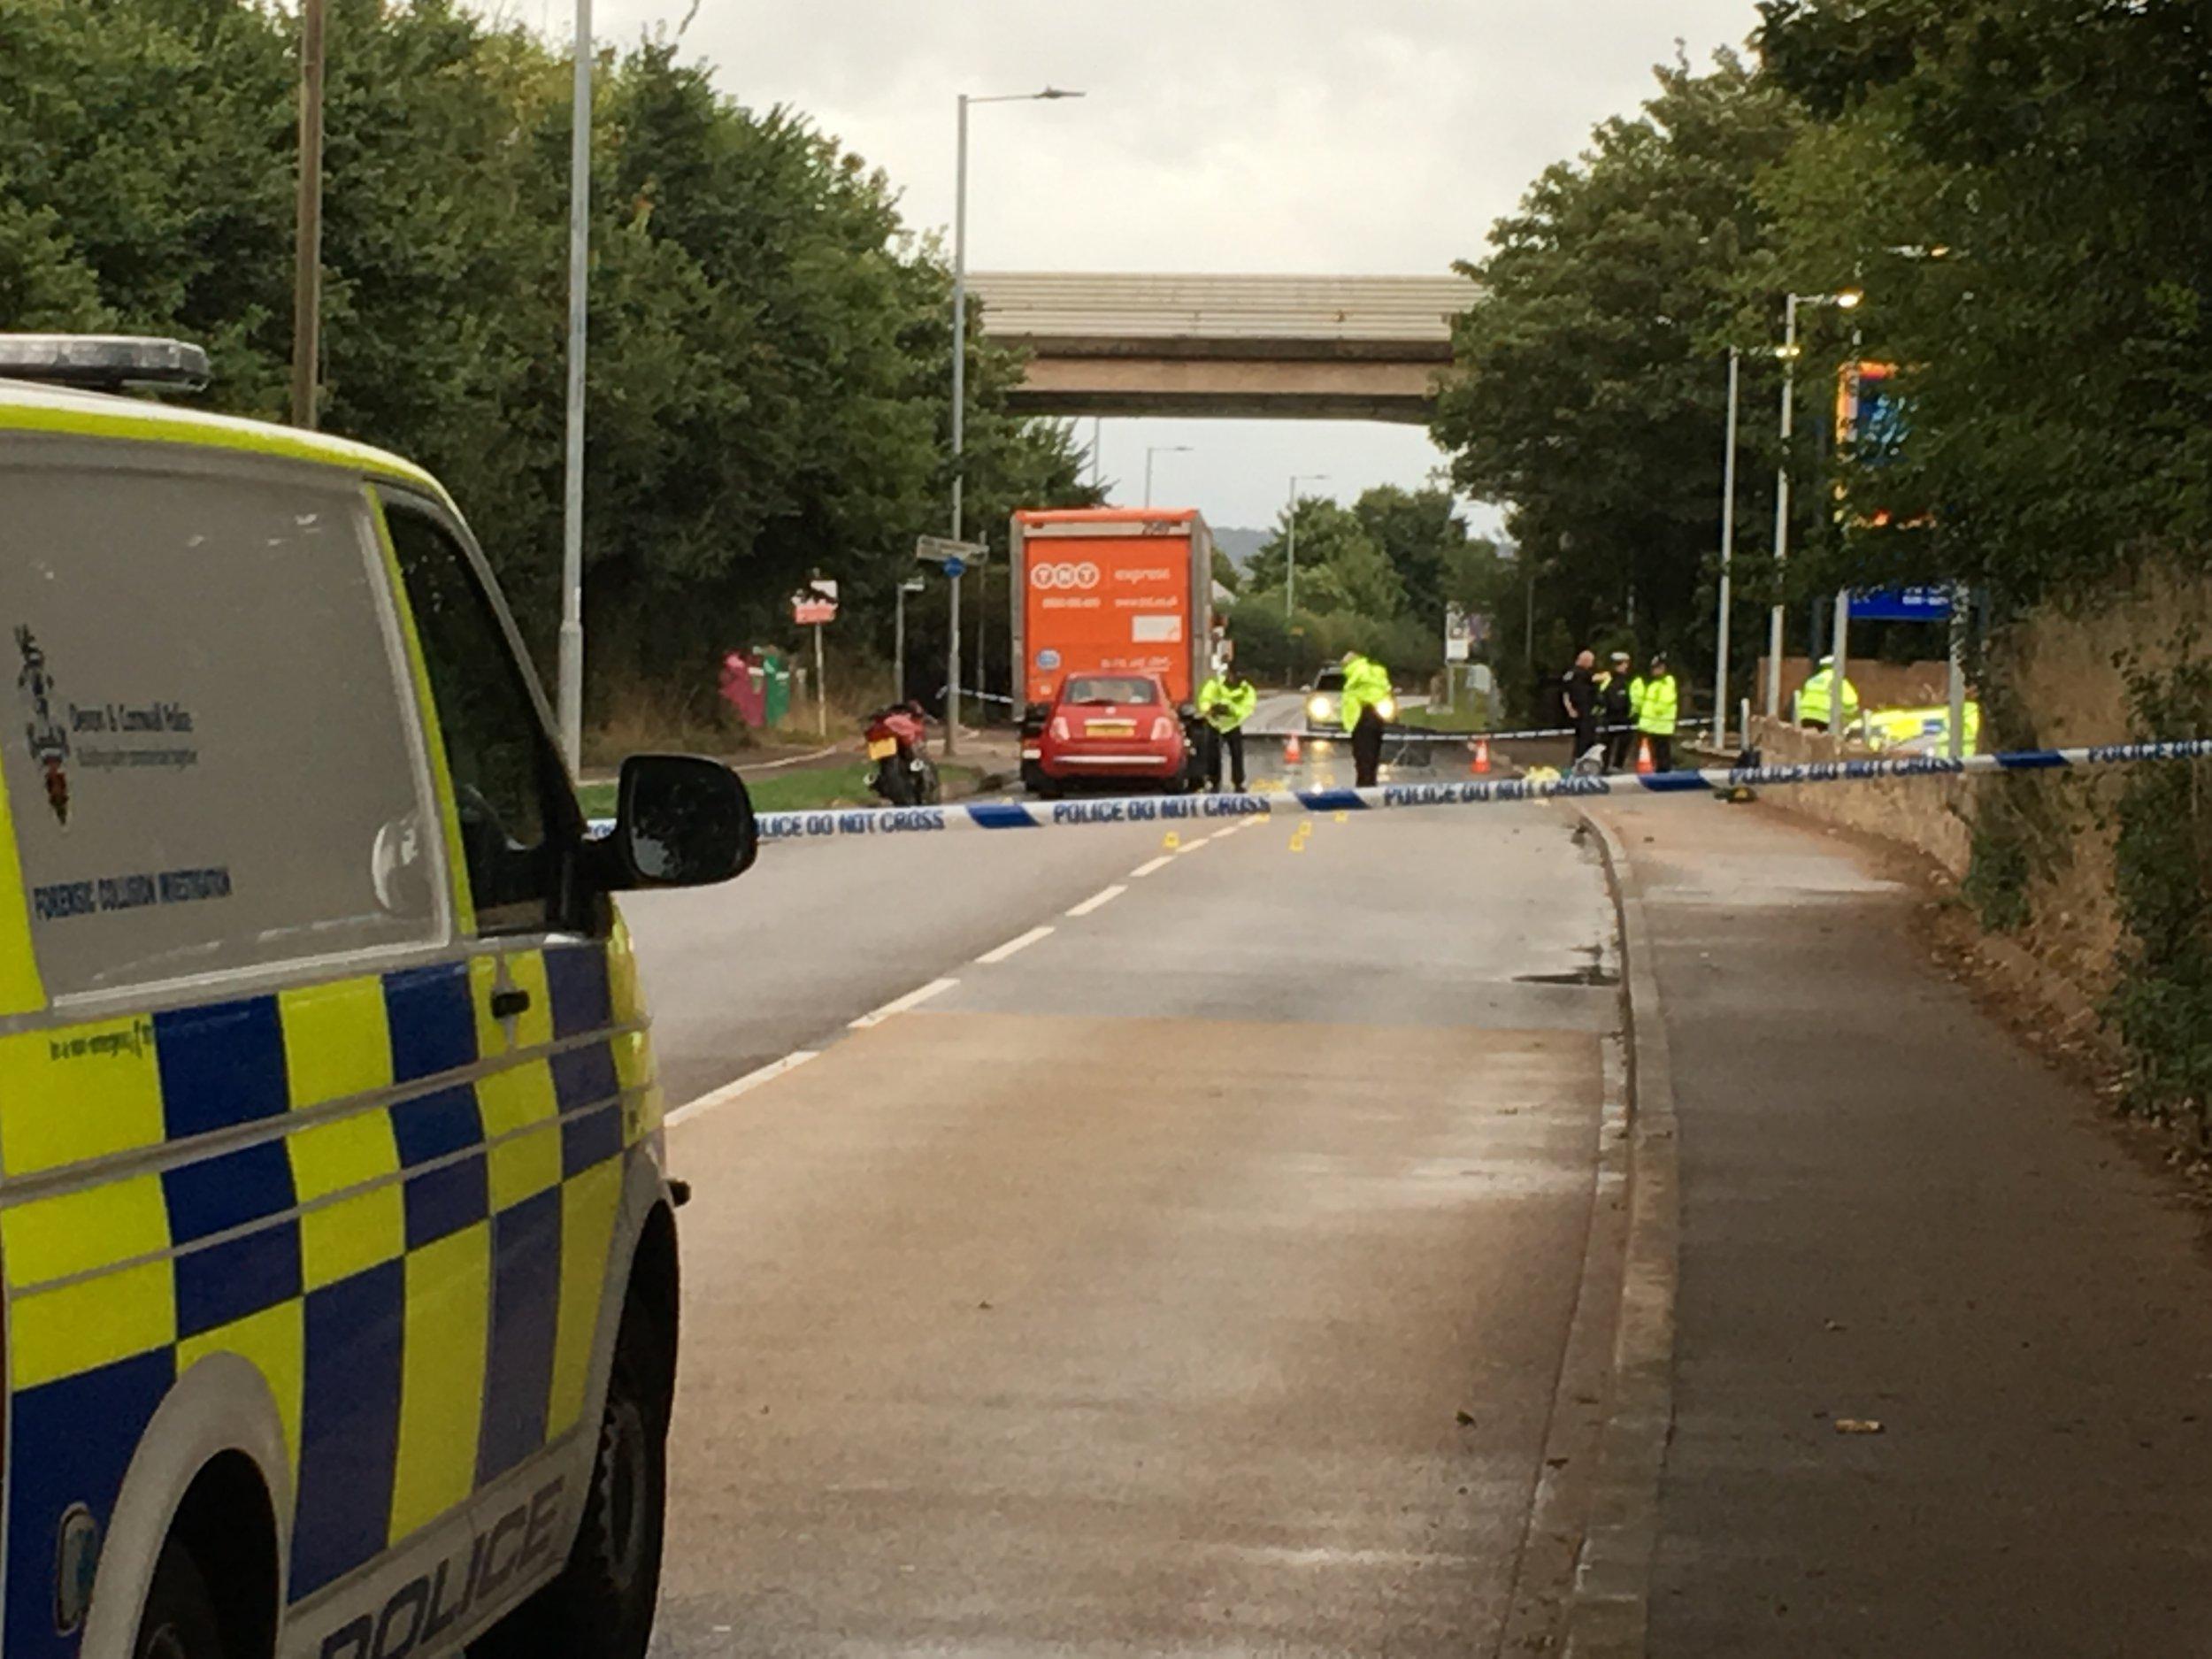 Police at tje scene of fatal crash between motorcyclist and elderly pedestrian outside Aldi on Topsham Road, Exeter. Credit: Bridget Batchelor Rate agreed - ??50 for set